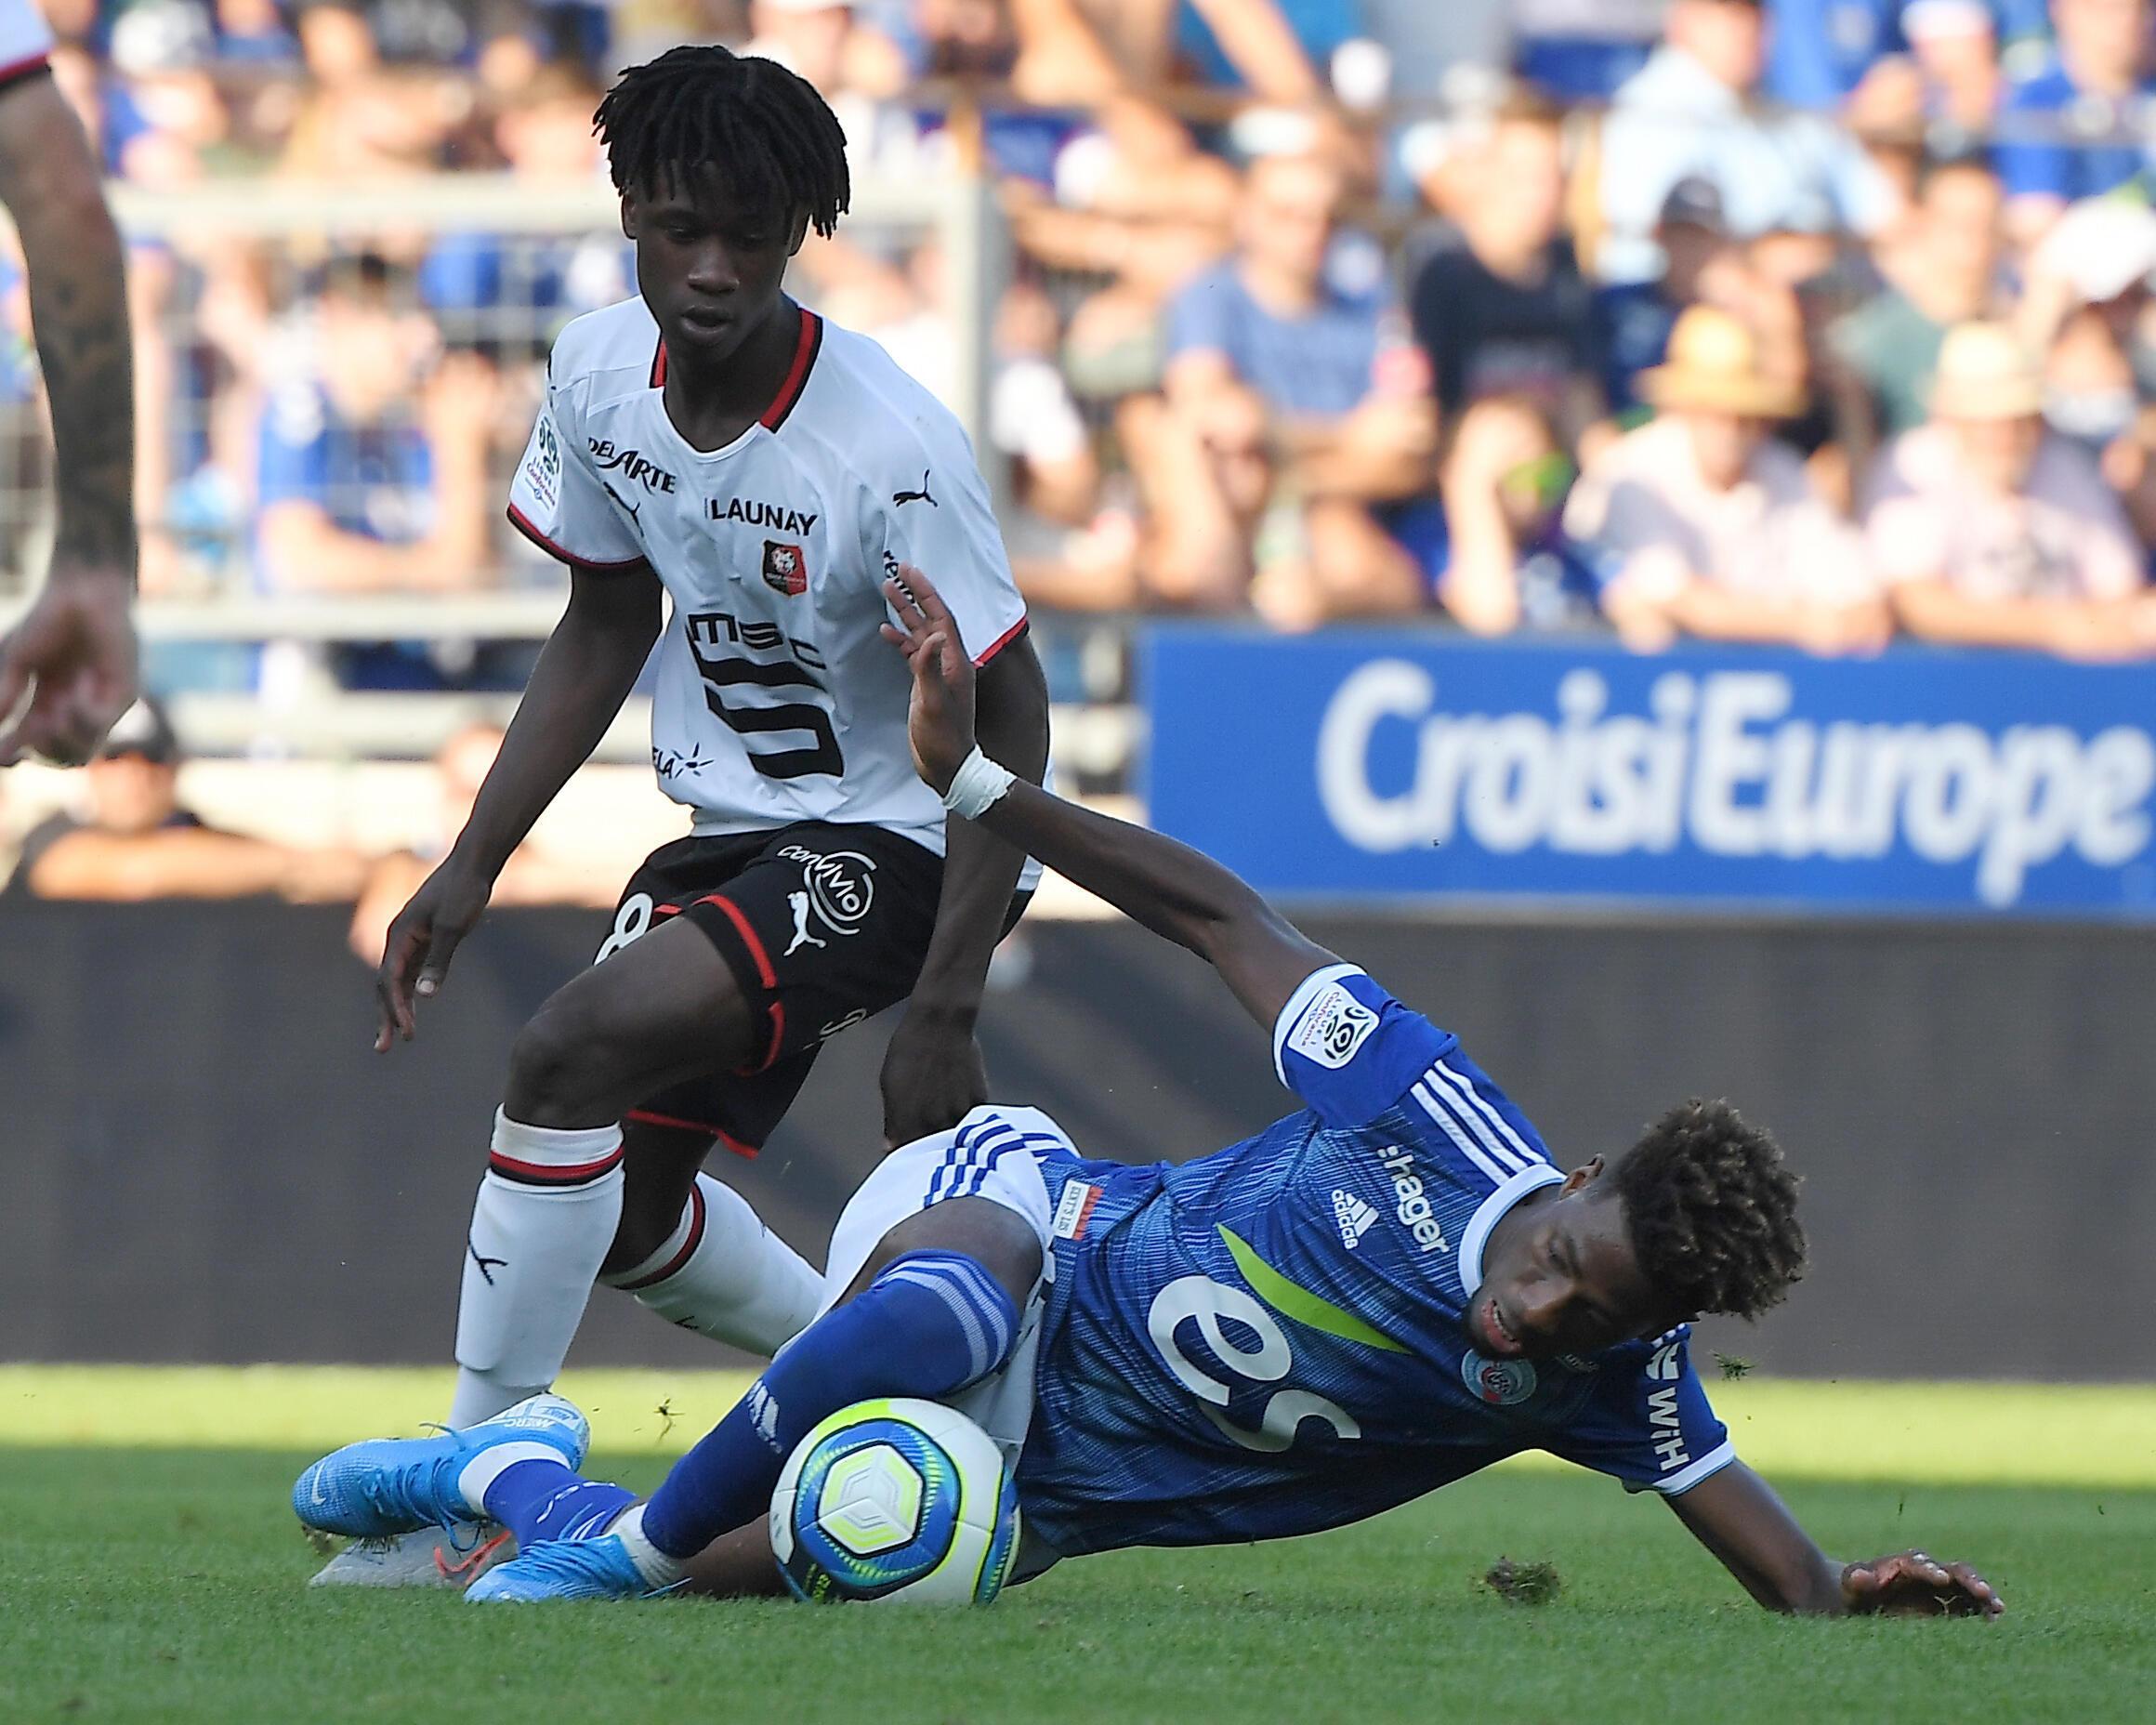 Eduardo Camavinga (esquerda), médio angolano do Rennes, venceu o Estrasburgo do internacional cabo-verdiano, Nuno Da Costa (direita), por 0-2.